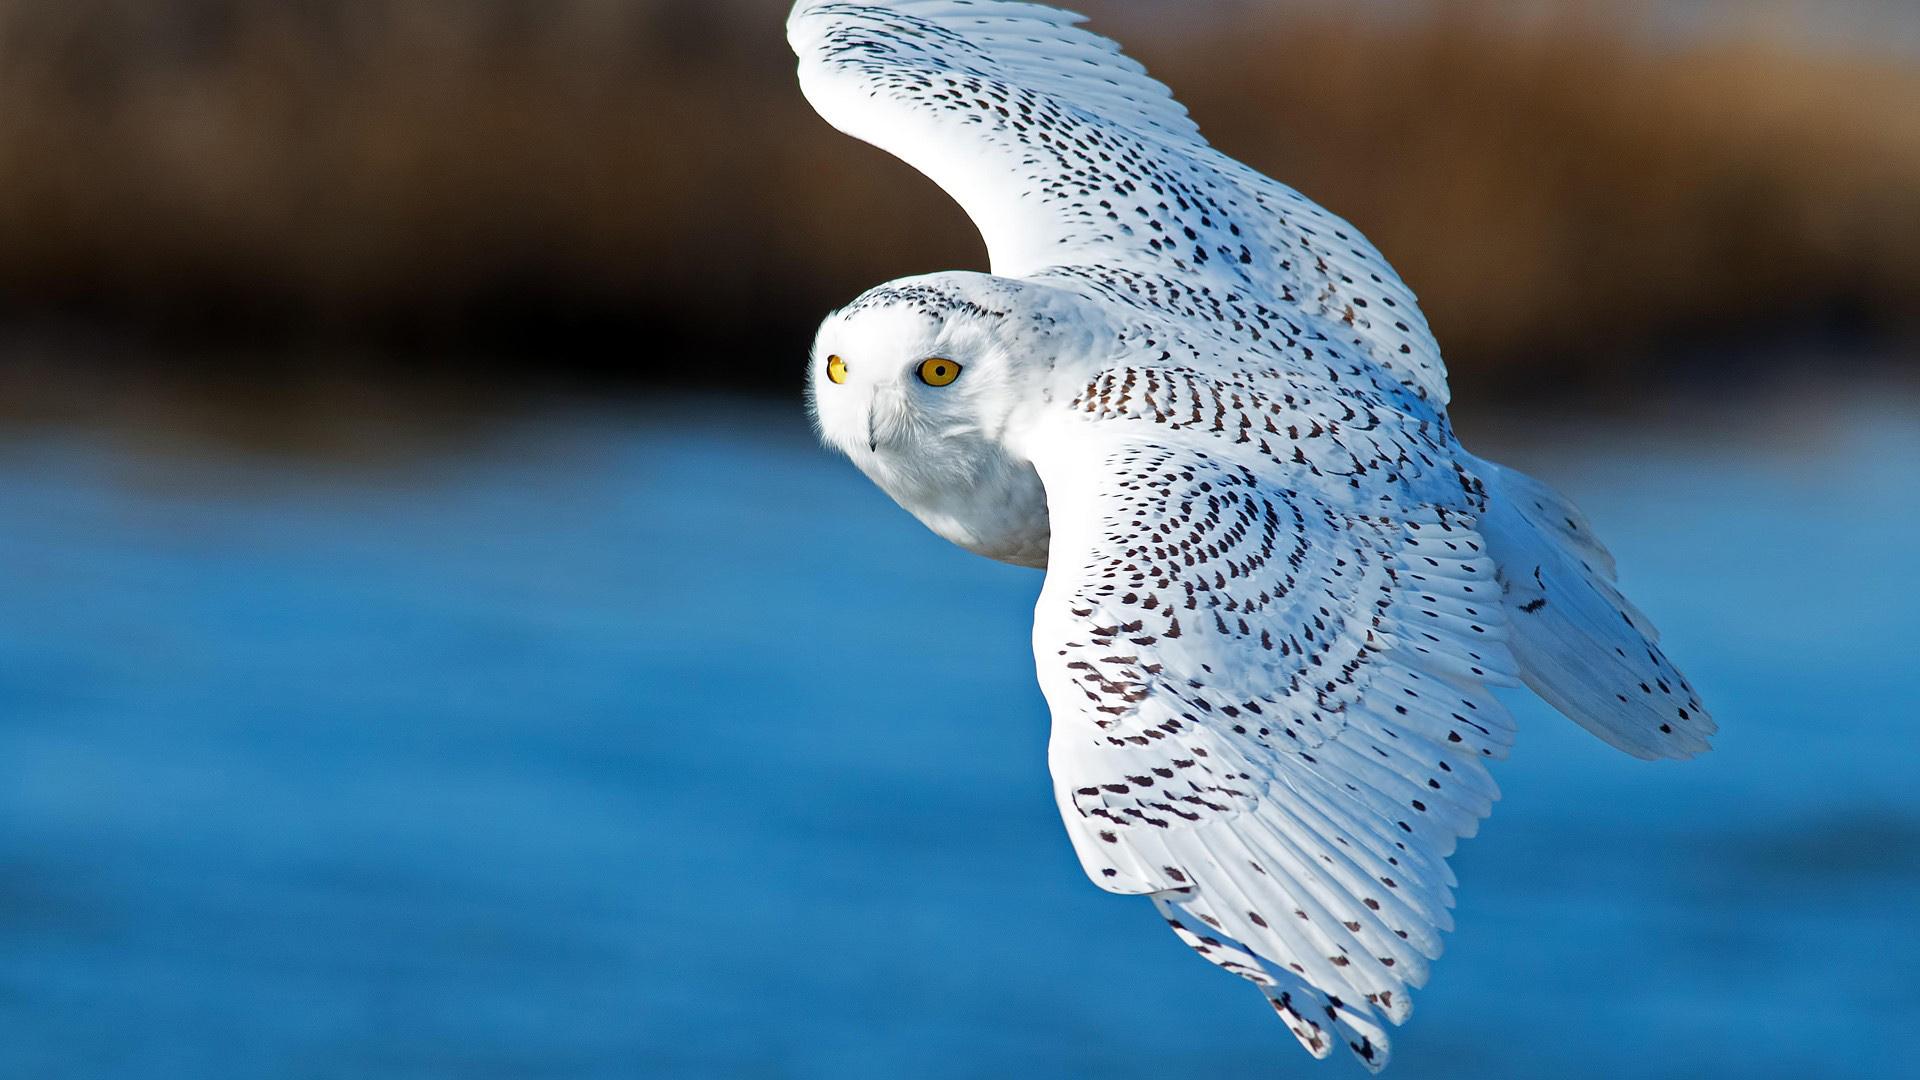 萌宠动物,小鸟天地,猫头鹰,飞翔